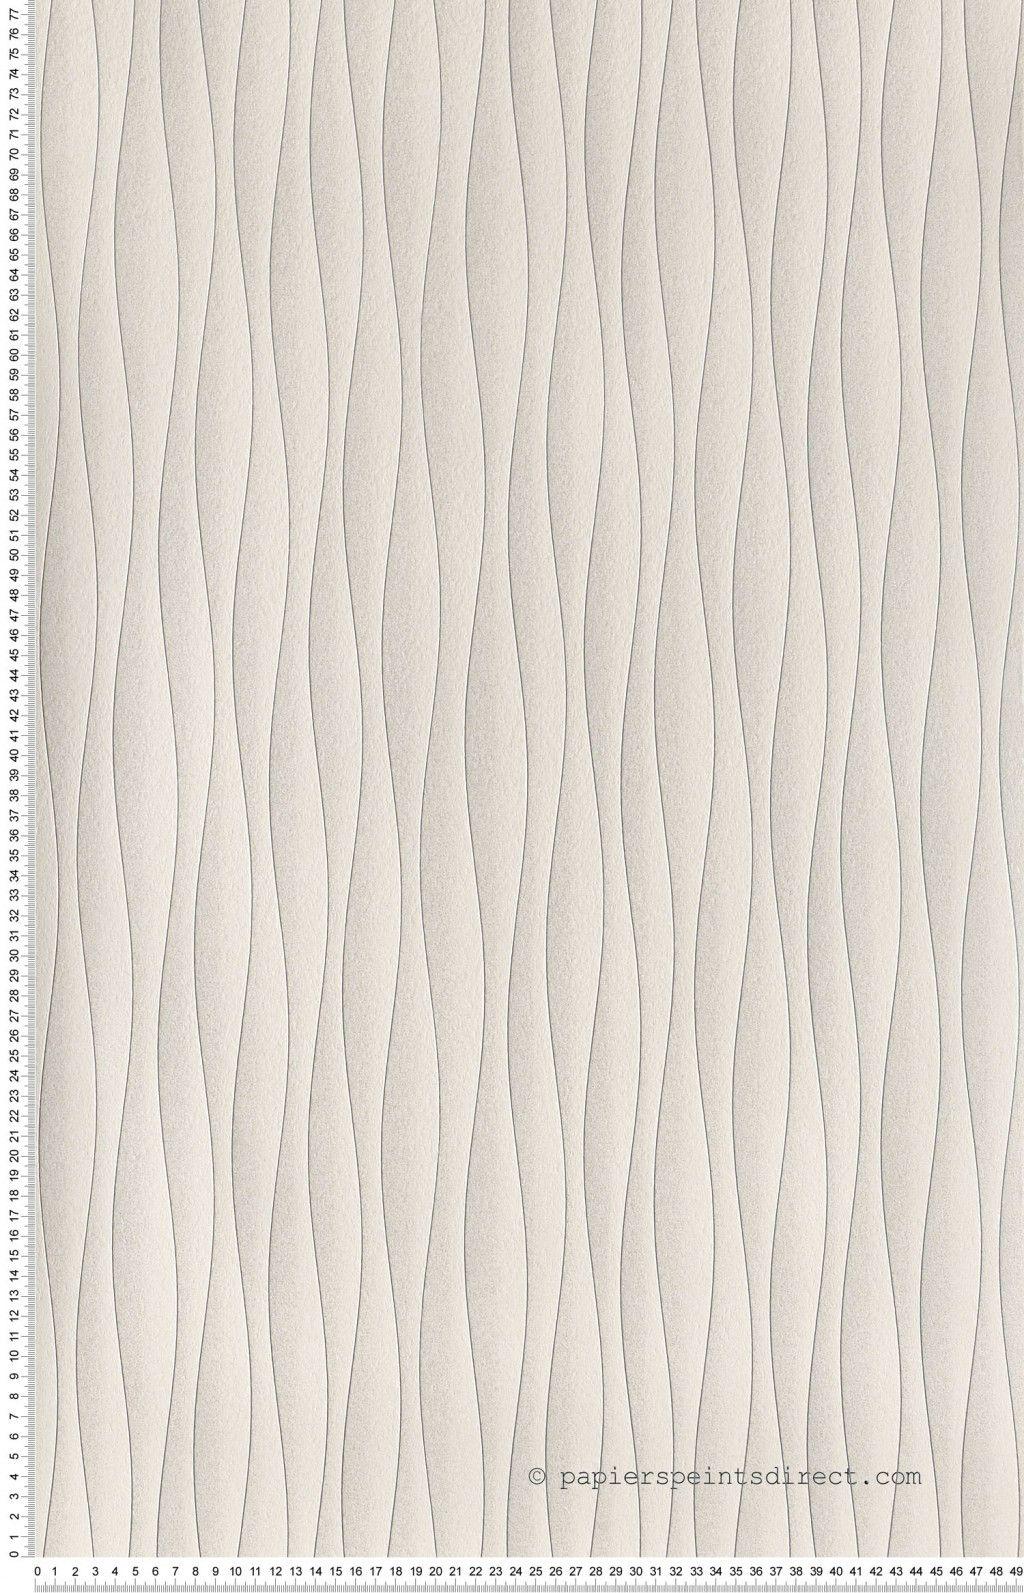 Vagues Papier Peint Aquamura De Lut Ce Vagues Papier Peint Et